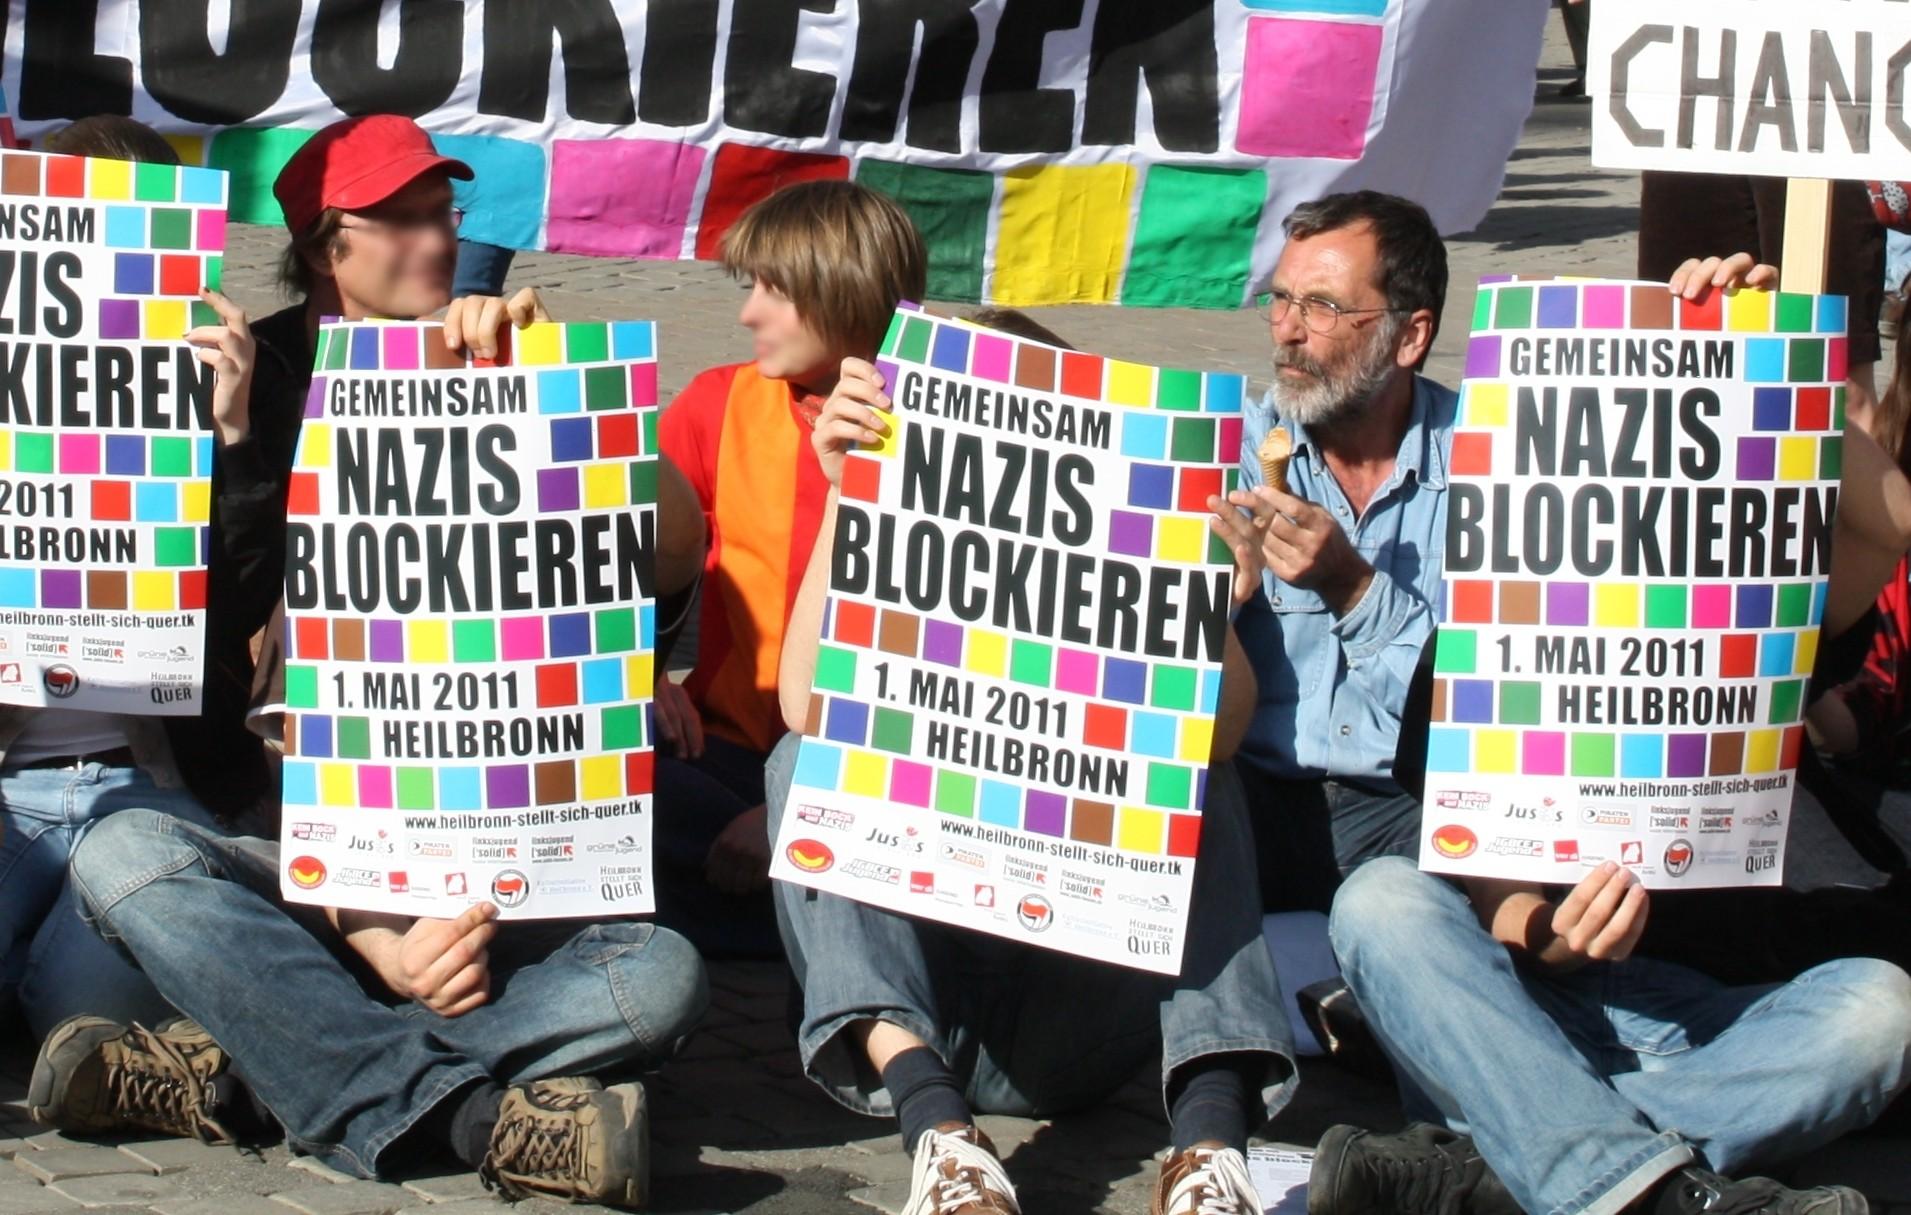 Kreisrat Müllerschön, beim öffentlichen Blockadetraining auf dem Kiliansplatz, zur Mobilisierung gegen die NAZIS am 1.5.2011